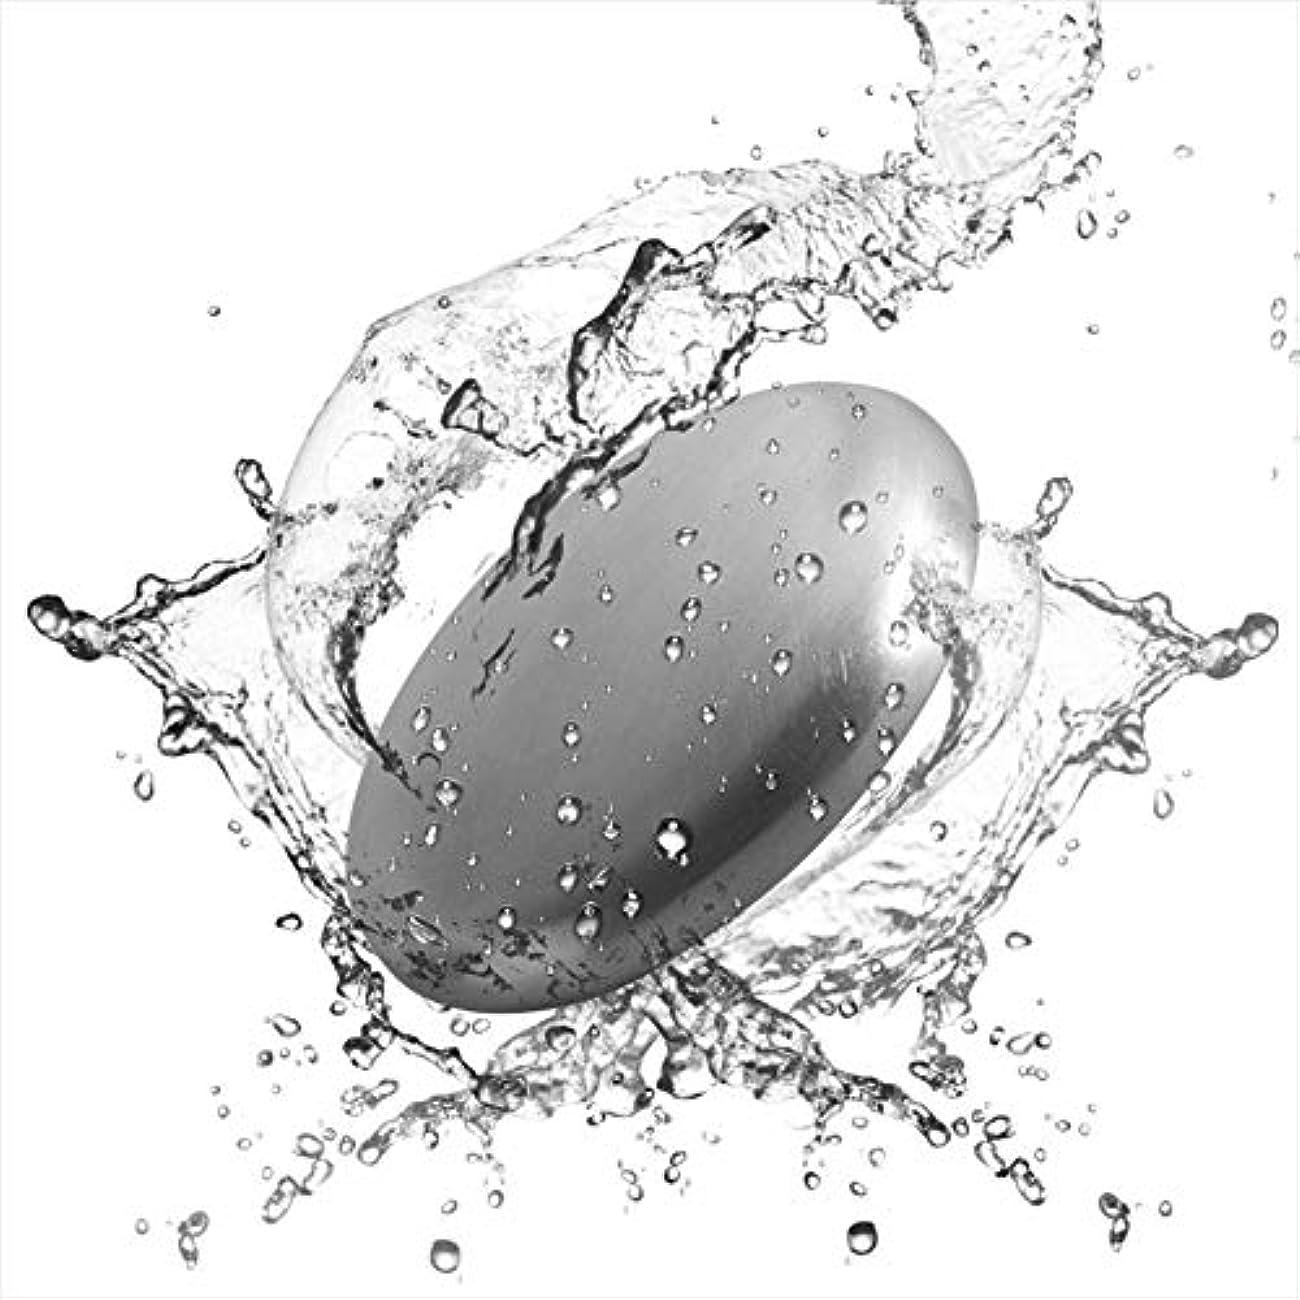 利用可能スマートショッキングRefoiner ステンレス製品 ソープ 実用的な台所用具 石鹸 魚臭 玉ねぎやニンニク 異臭を取り除く 2個